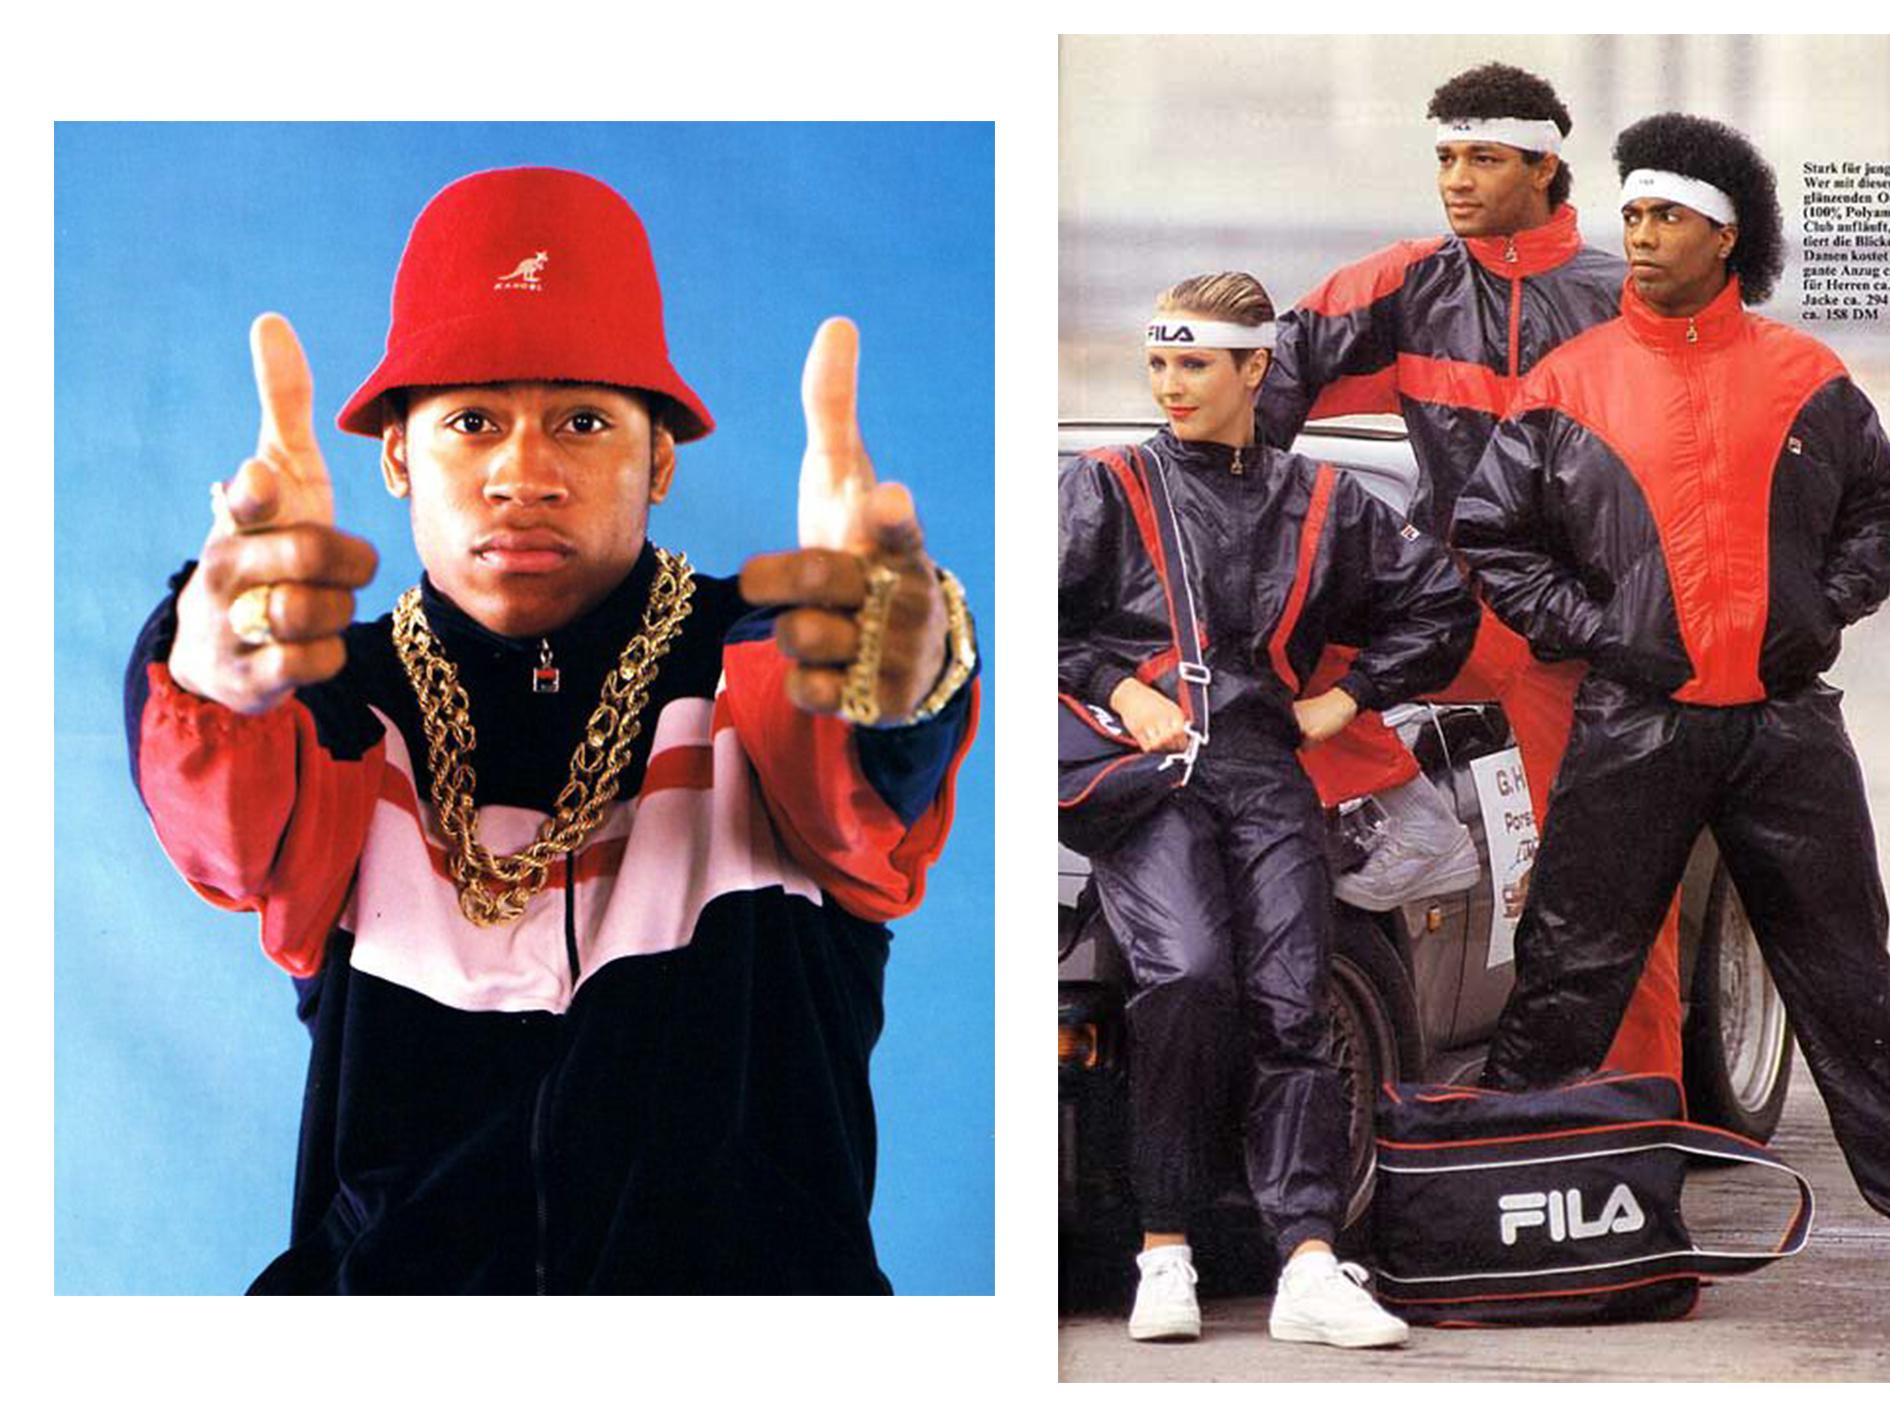 The Return of Old School Hip-Hop Streetwear